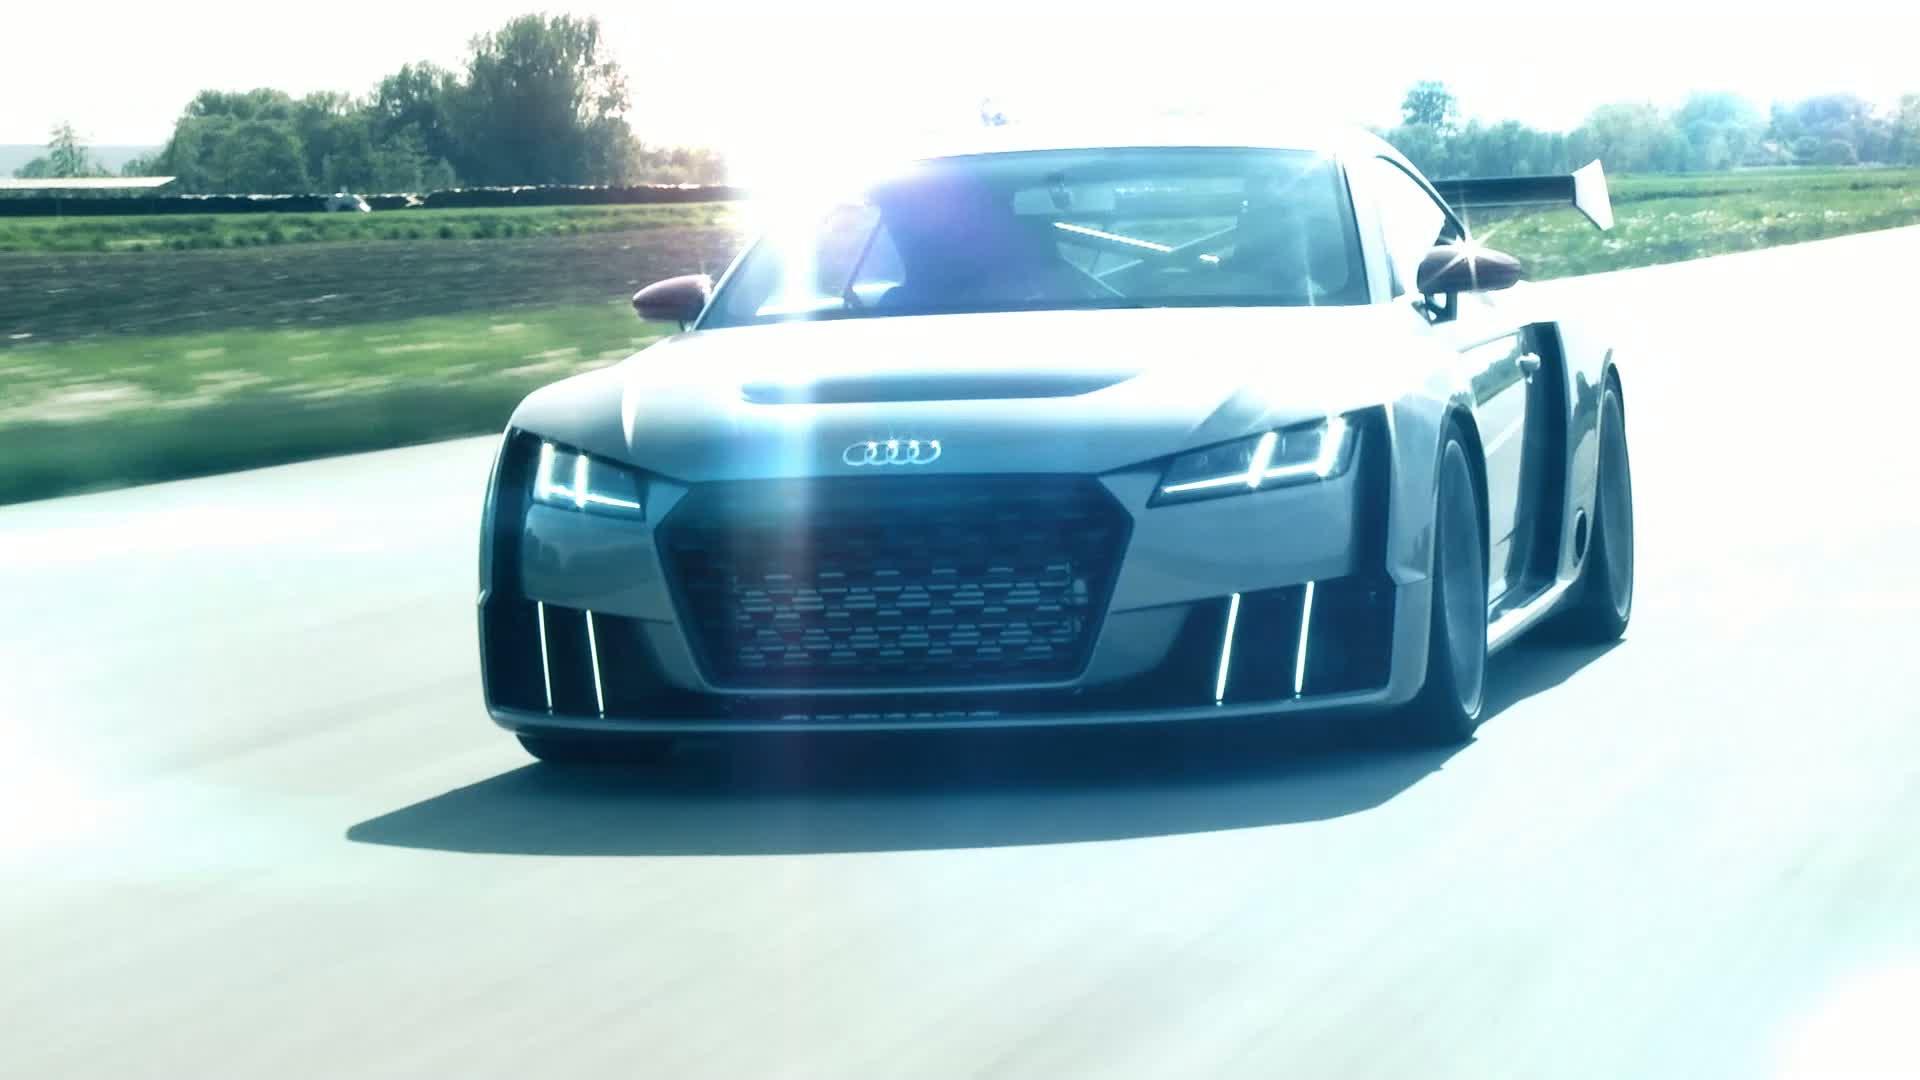 Enormer Schub vom Start weg: die Technikstudie Audi TT clubsport turbo